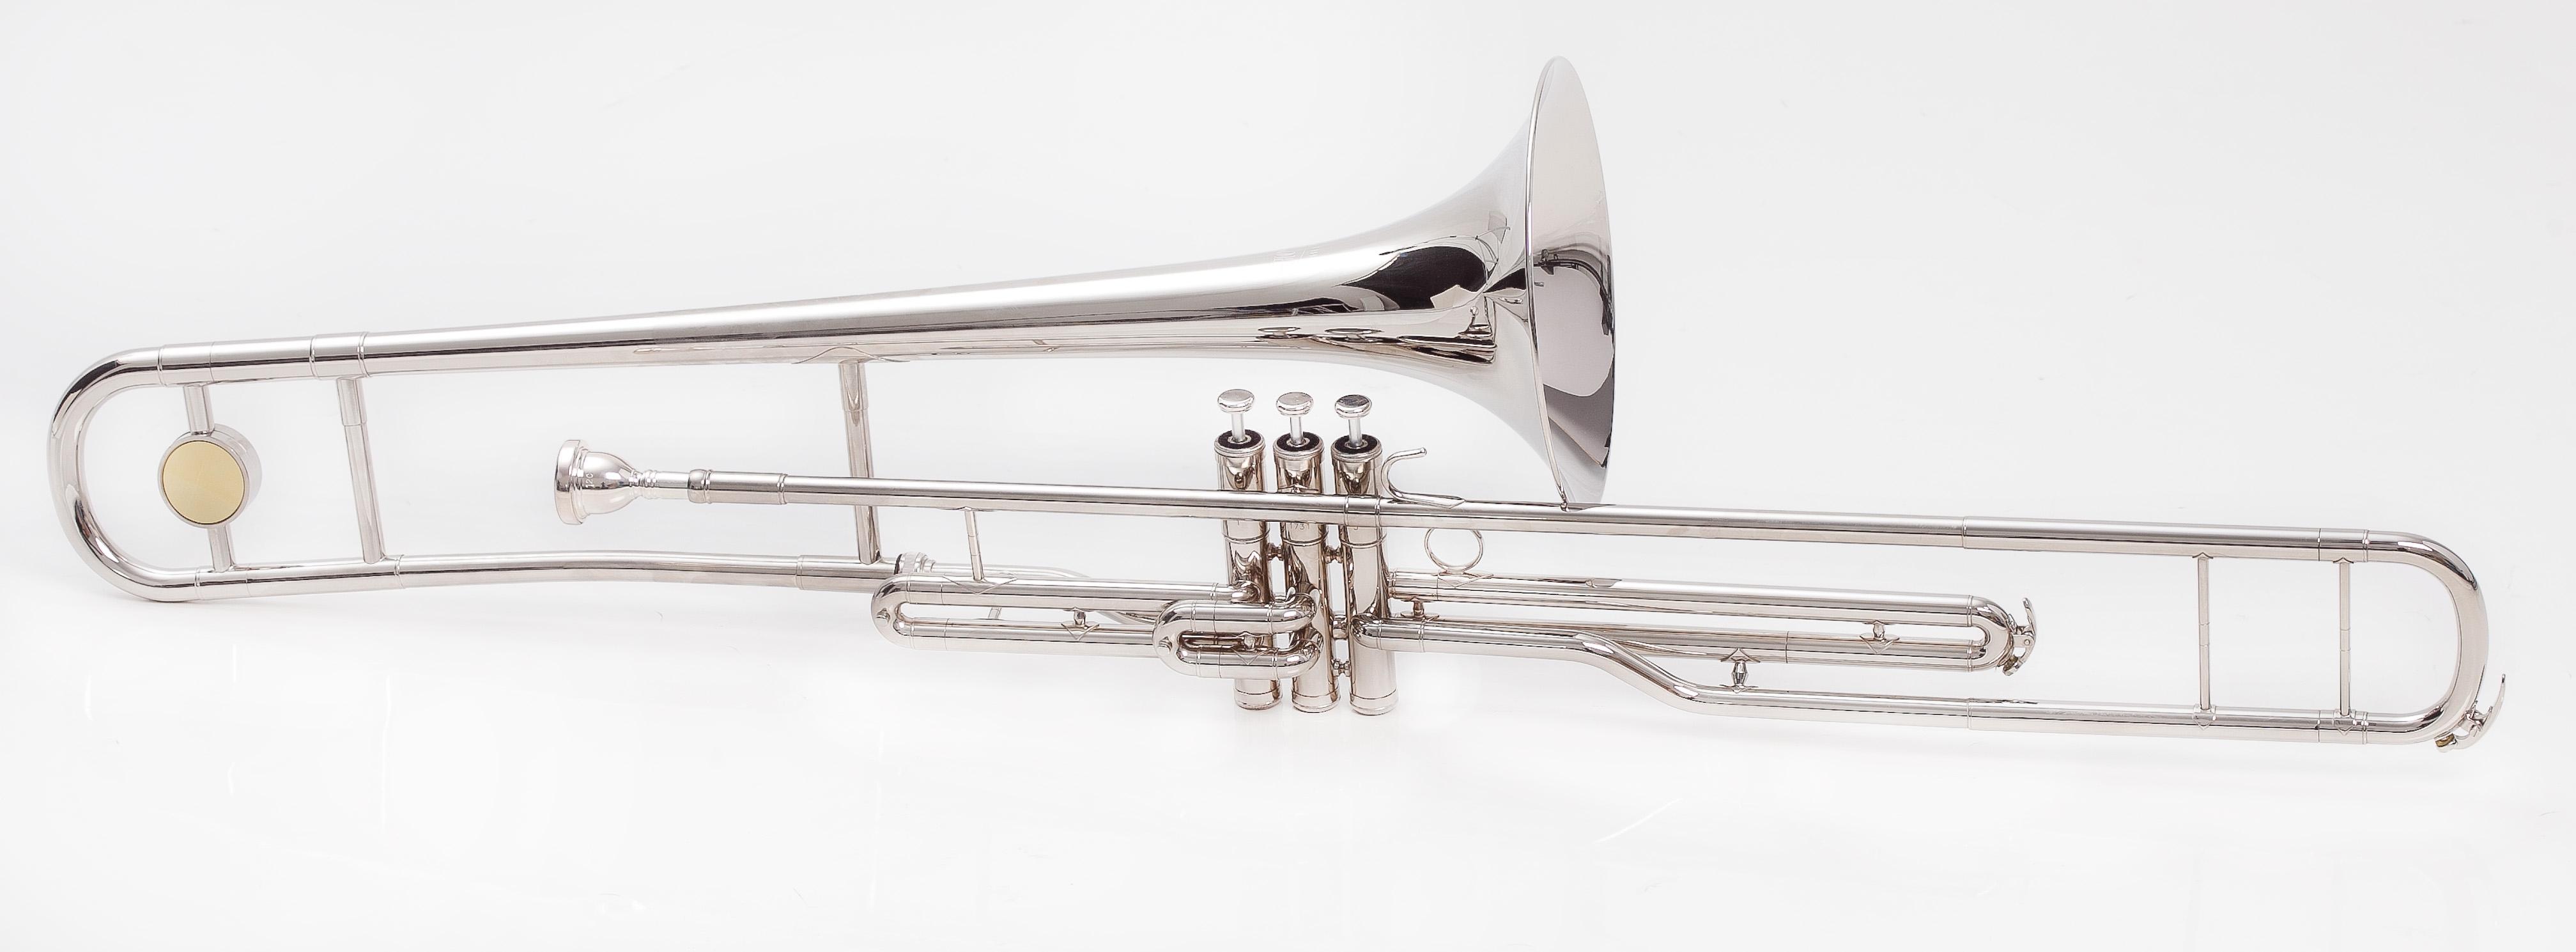 Trombone Pisto HTTC-25N Do